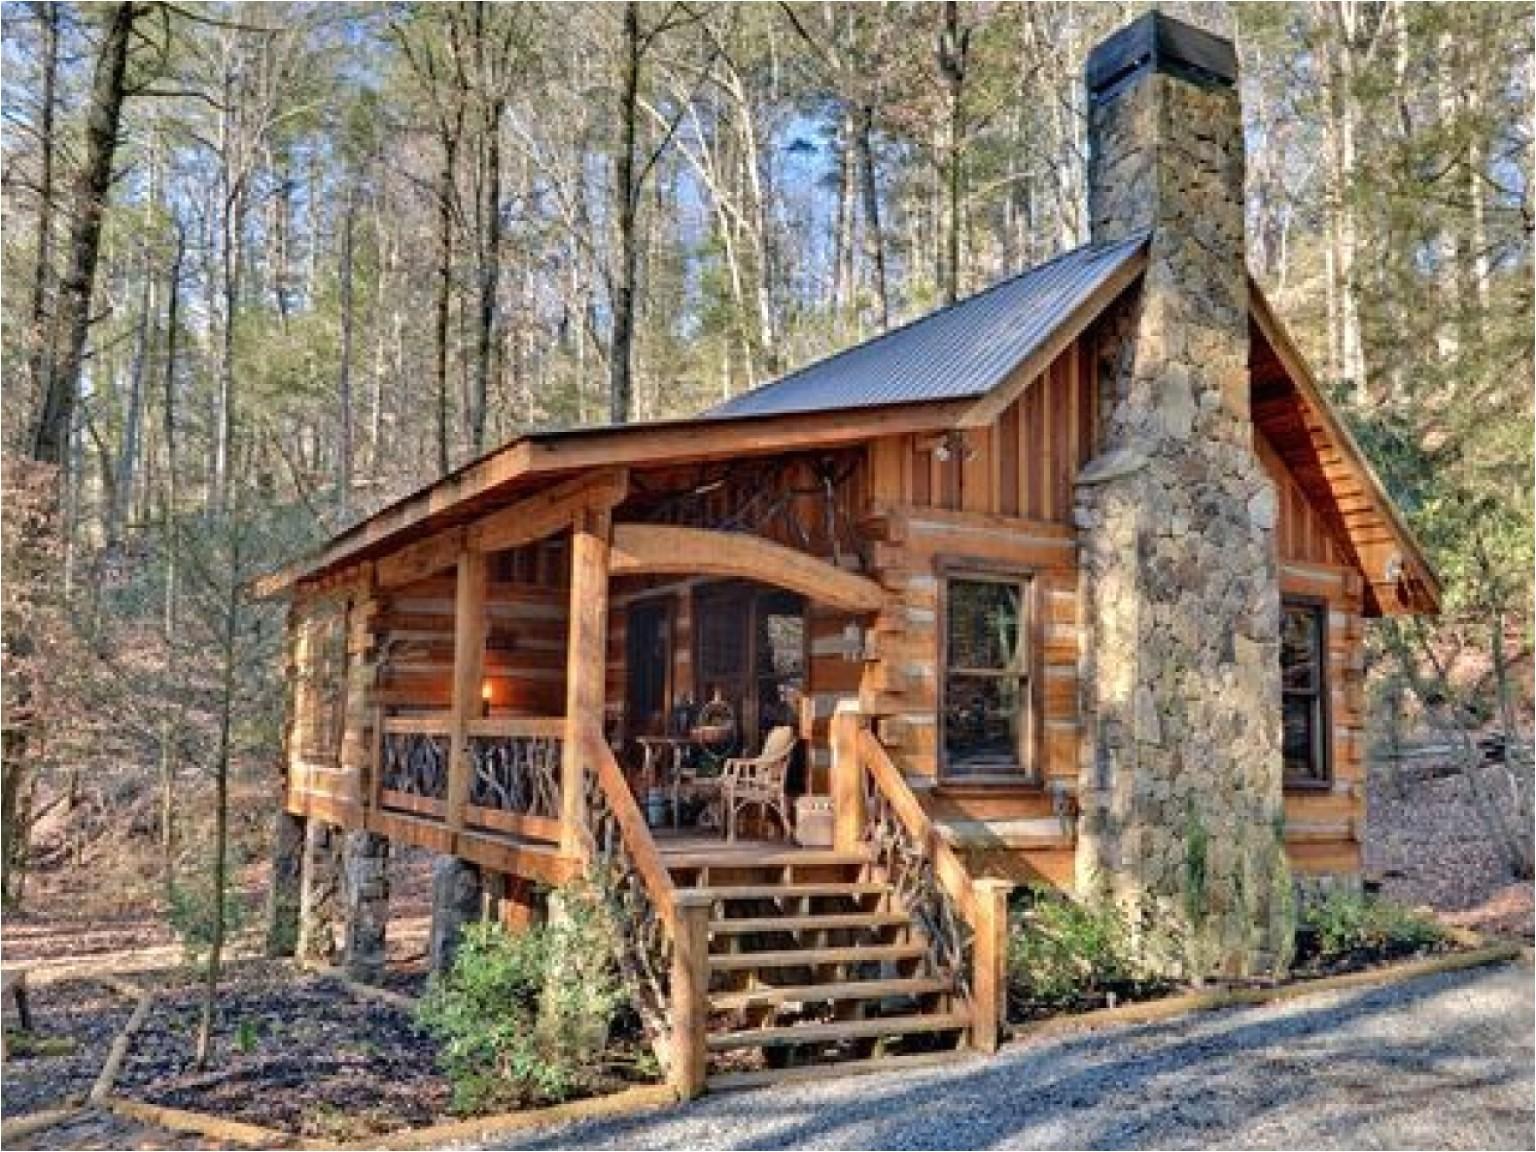 Log Cabin House Plans with Photos Log House Plans Ideas Stupendous Rockbridge Front